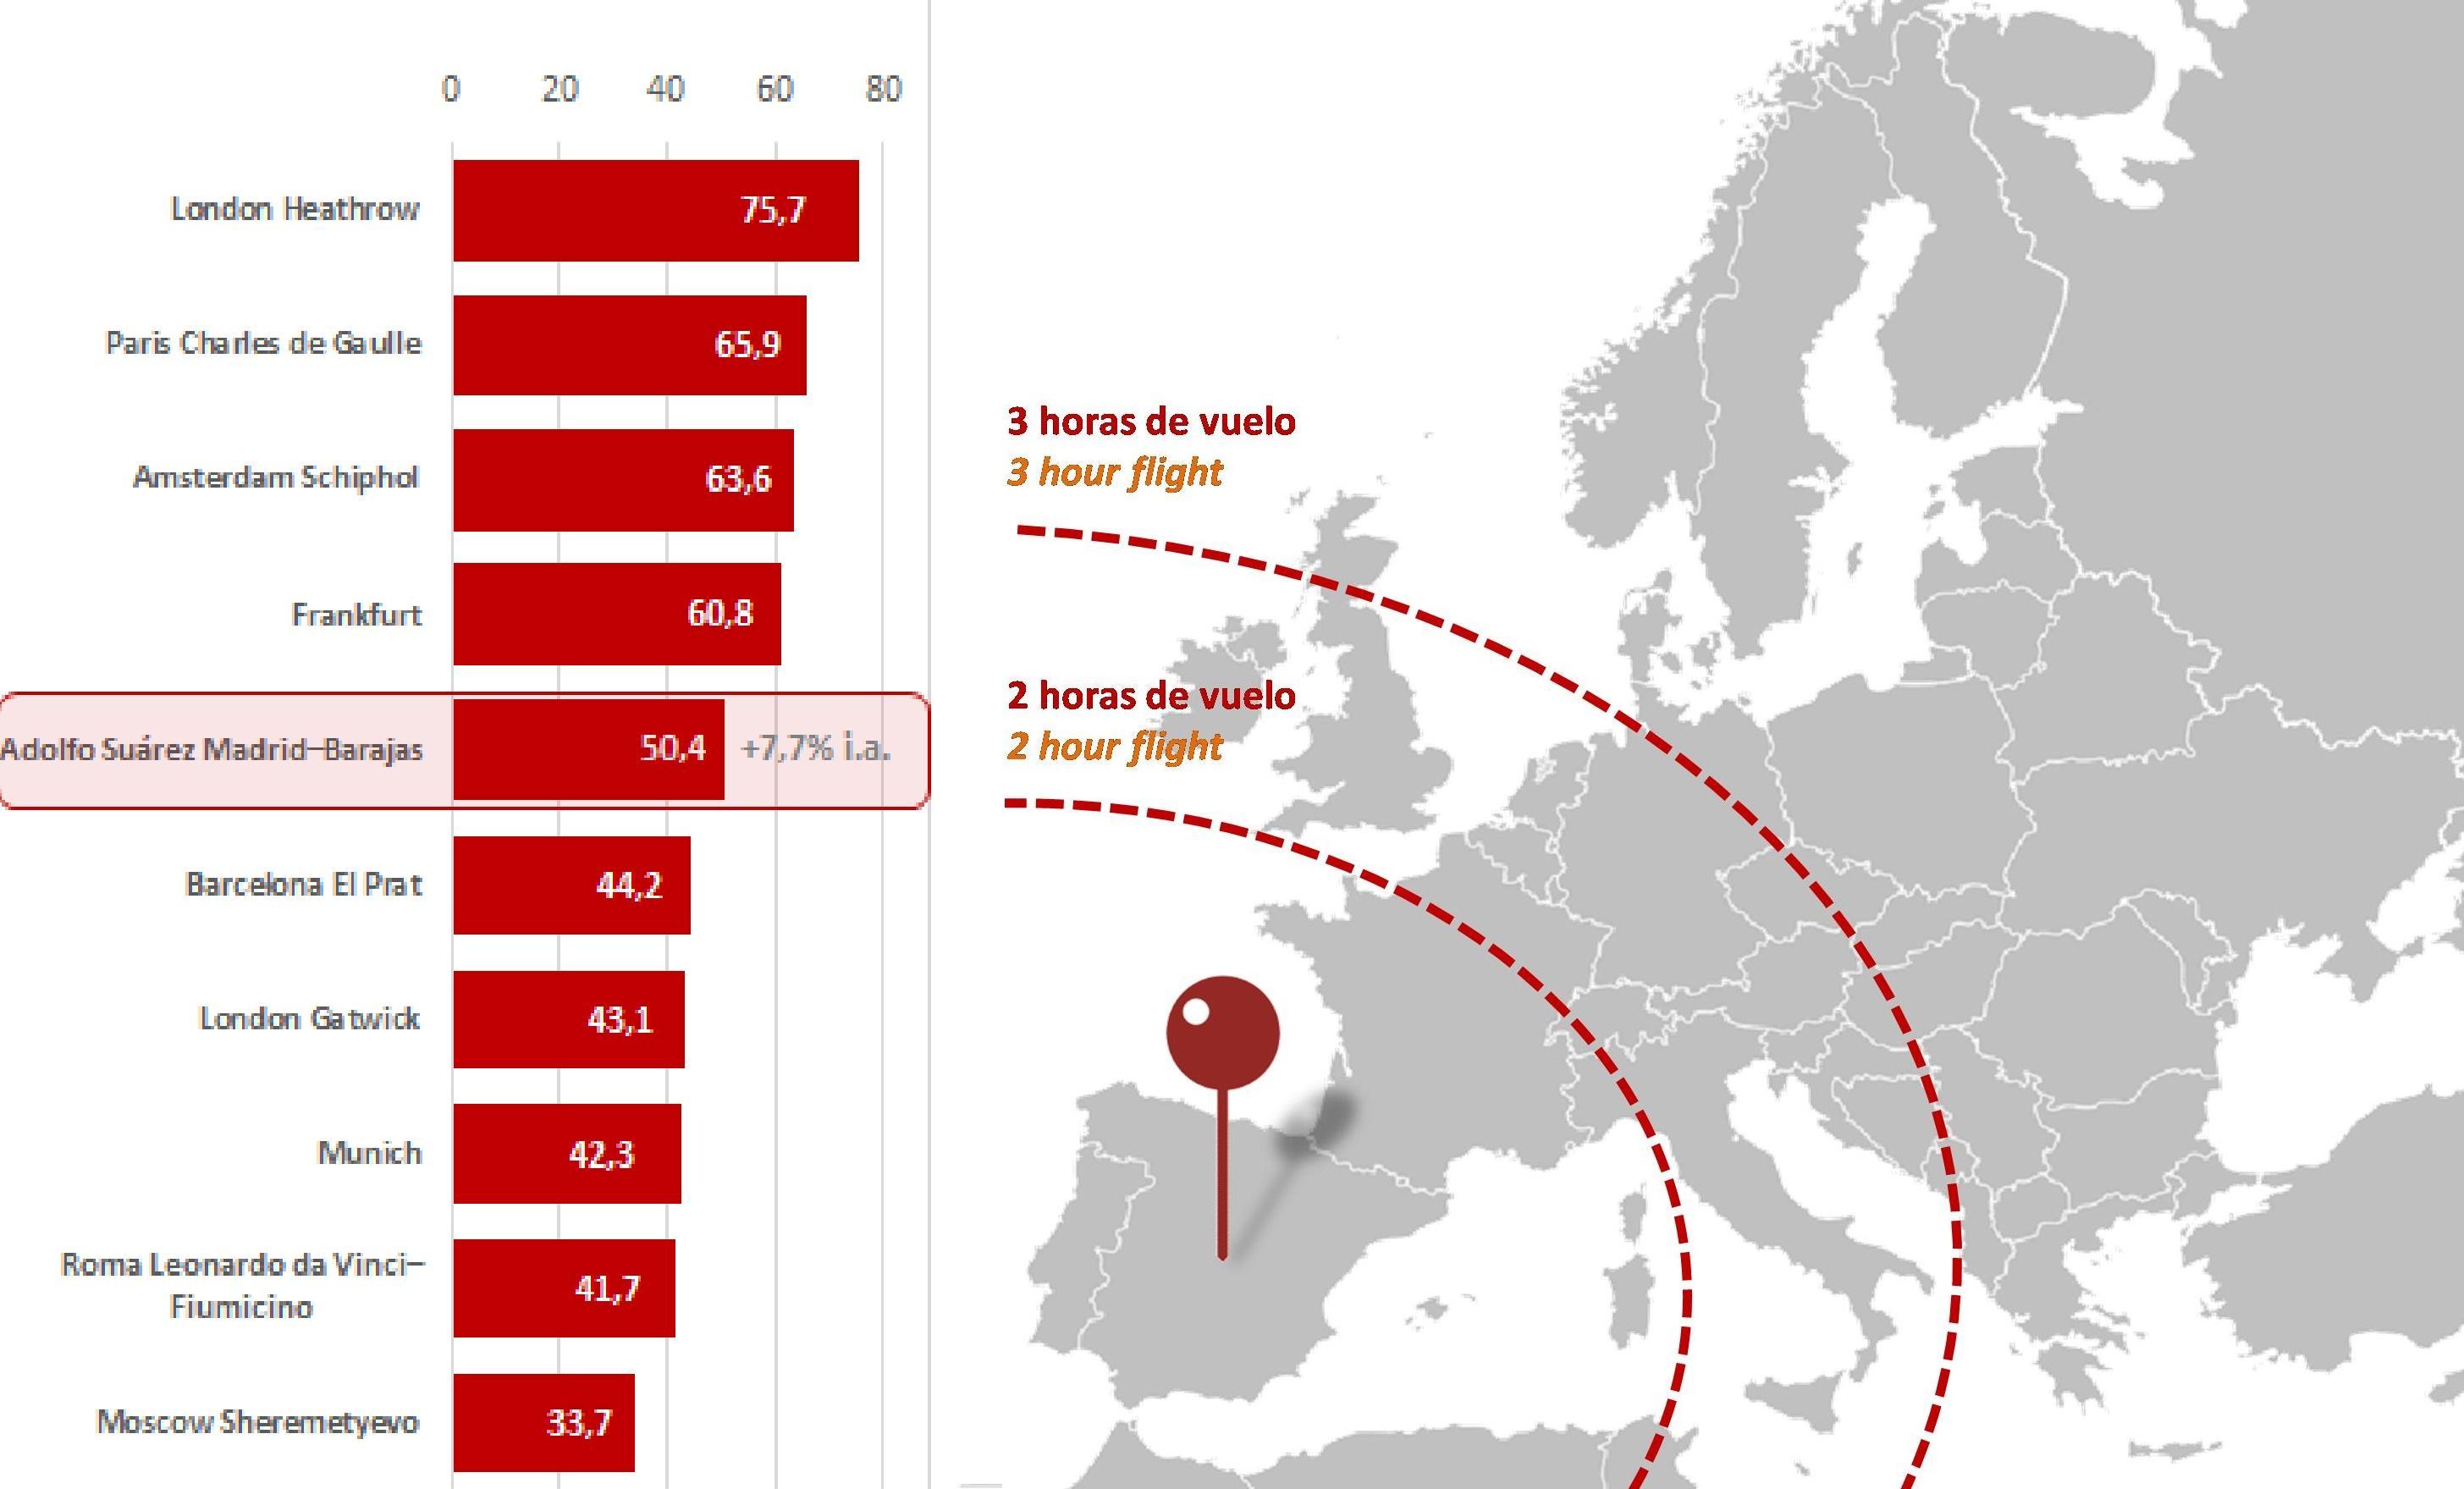 Ranking de los principales aeropuertos europeos, entre los que Madrid ocupa la 5ª posición y mapa de Europa en el que se representan círculos concéntricos que miden la distancia en tiempo de viaje en avión desde Madrid